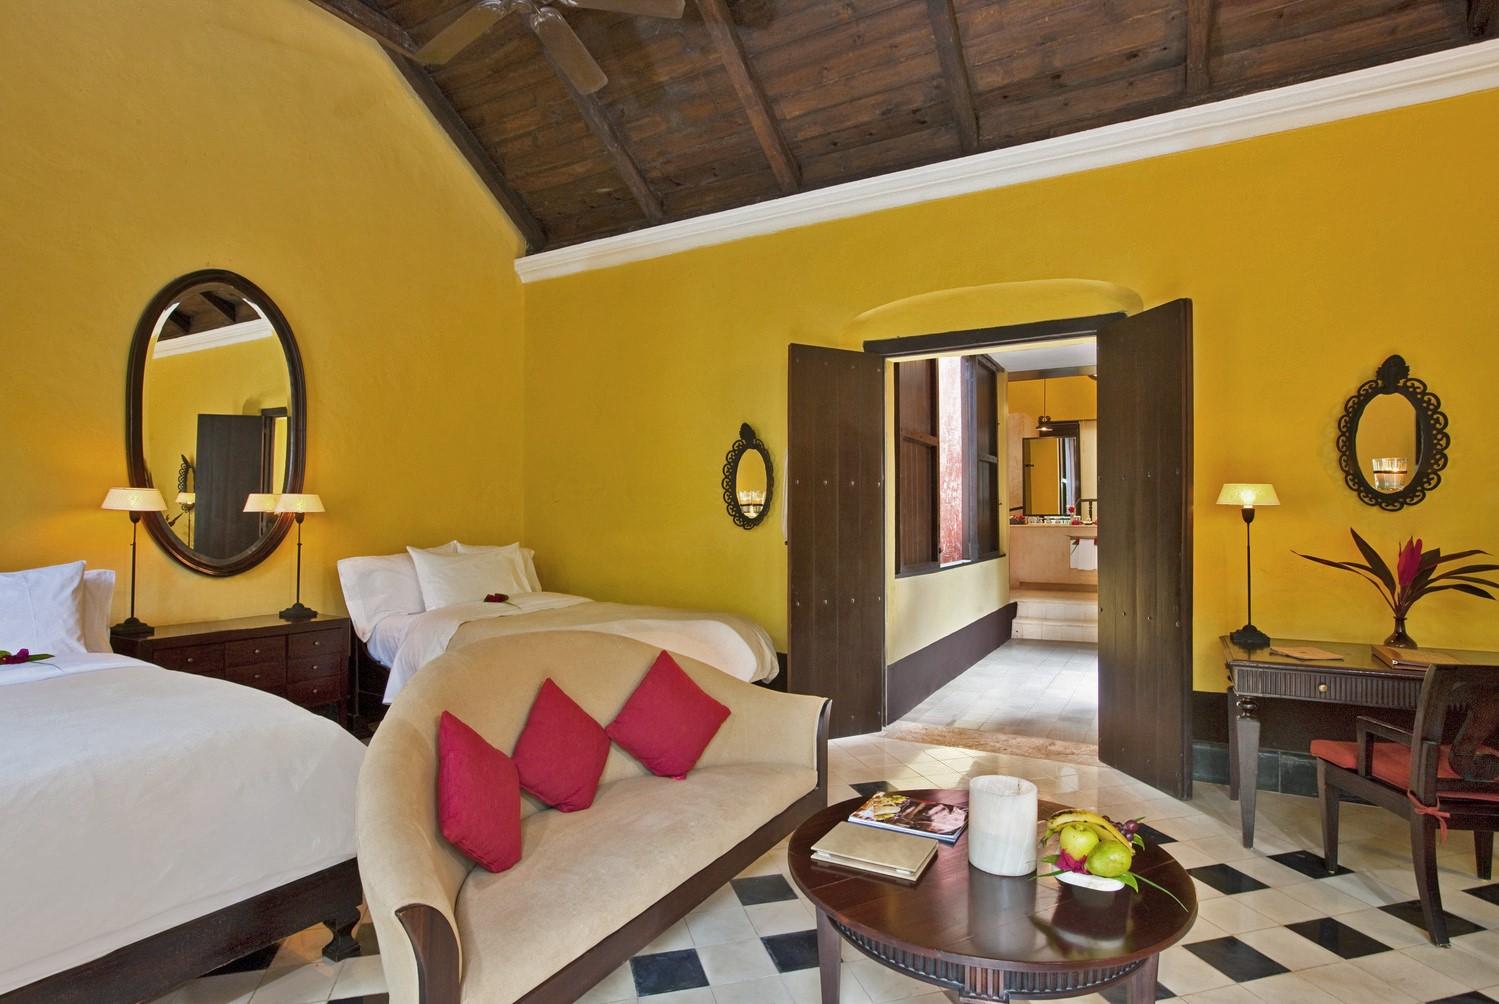 Twin room at Hacienda Uayamon Campeche